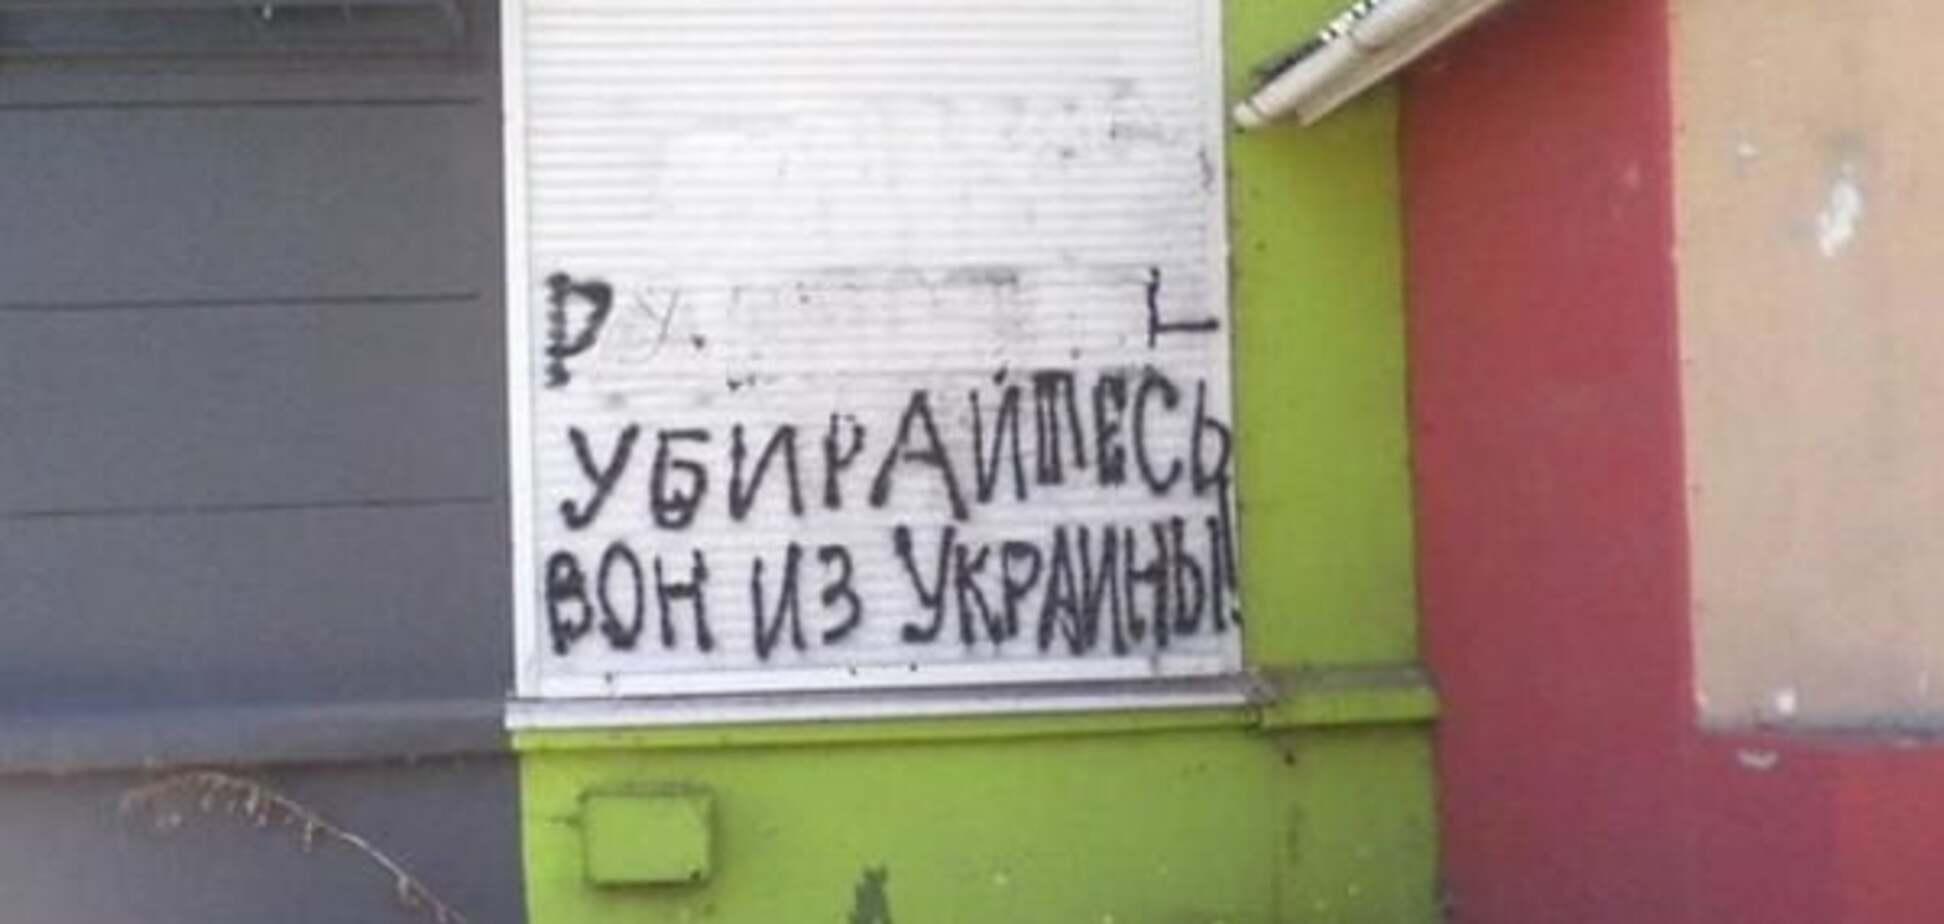 'Забирайтеся геть з України!' Луганчани збунтувалися проти терористів